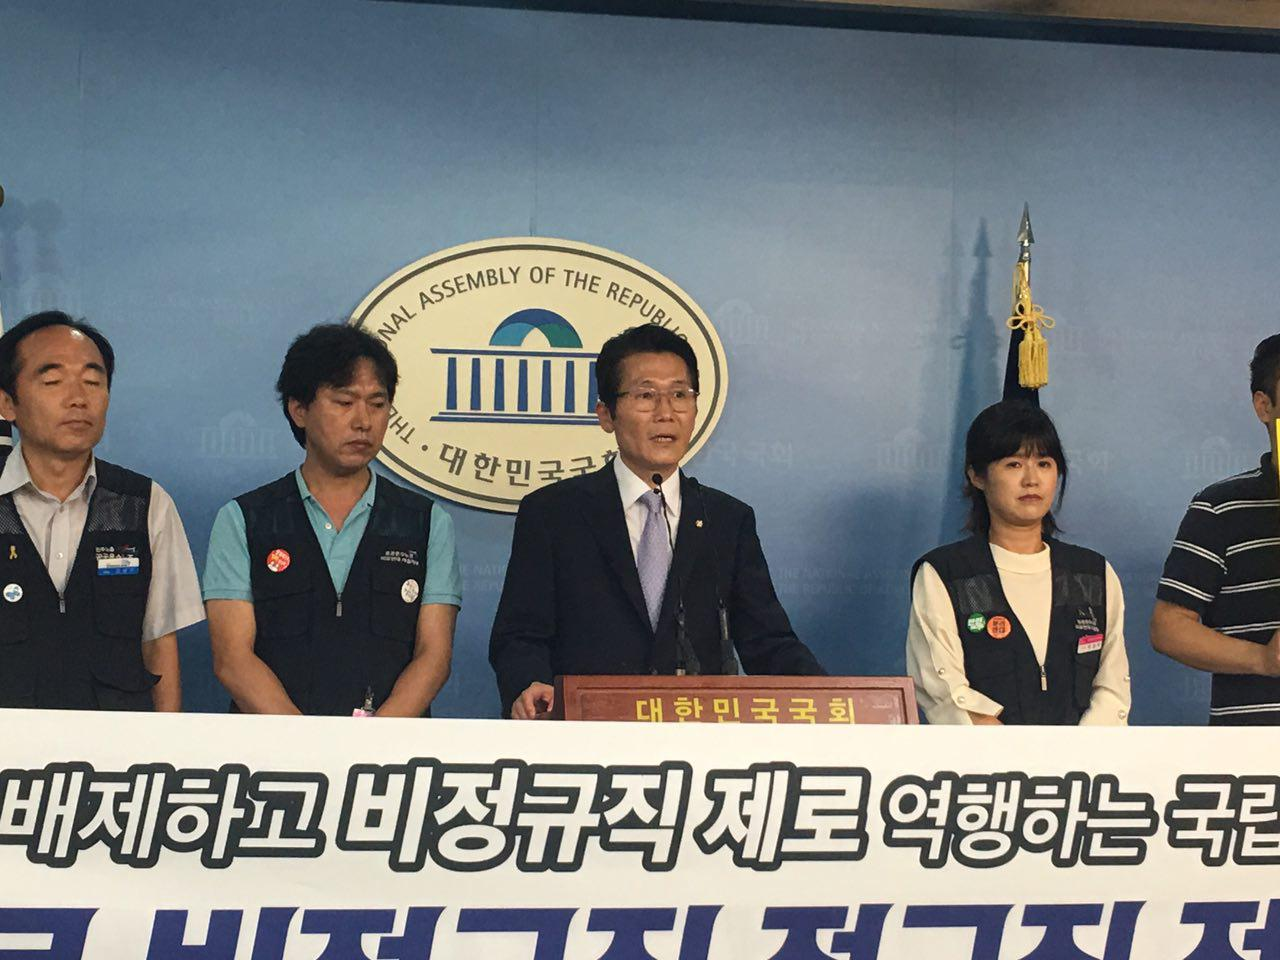 0817 국립대병원 정규직전환 기자회견 1.jpg